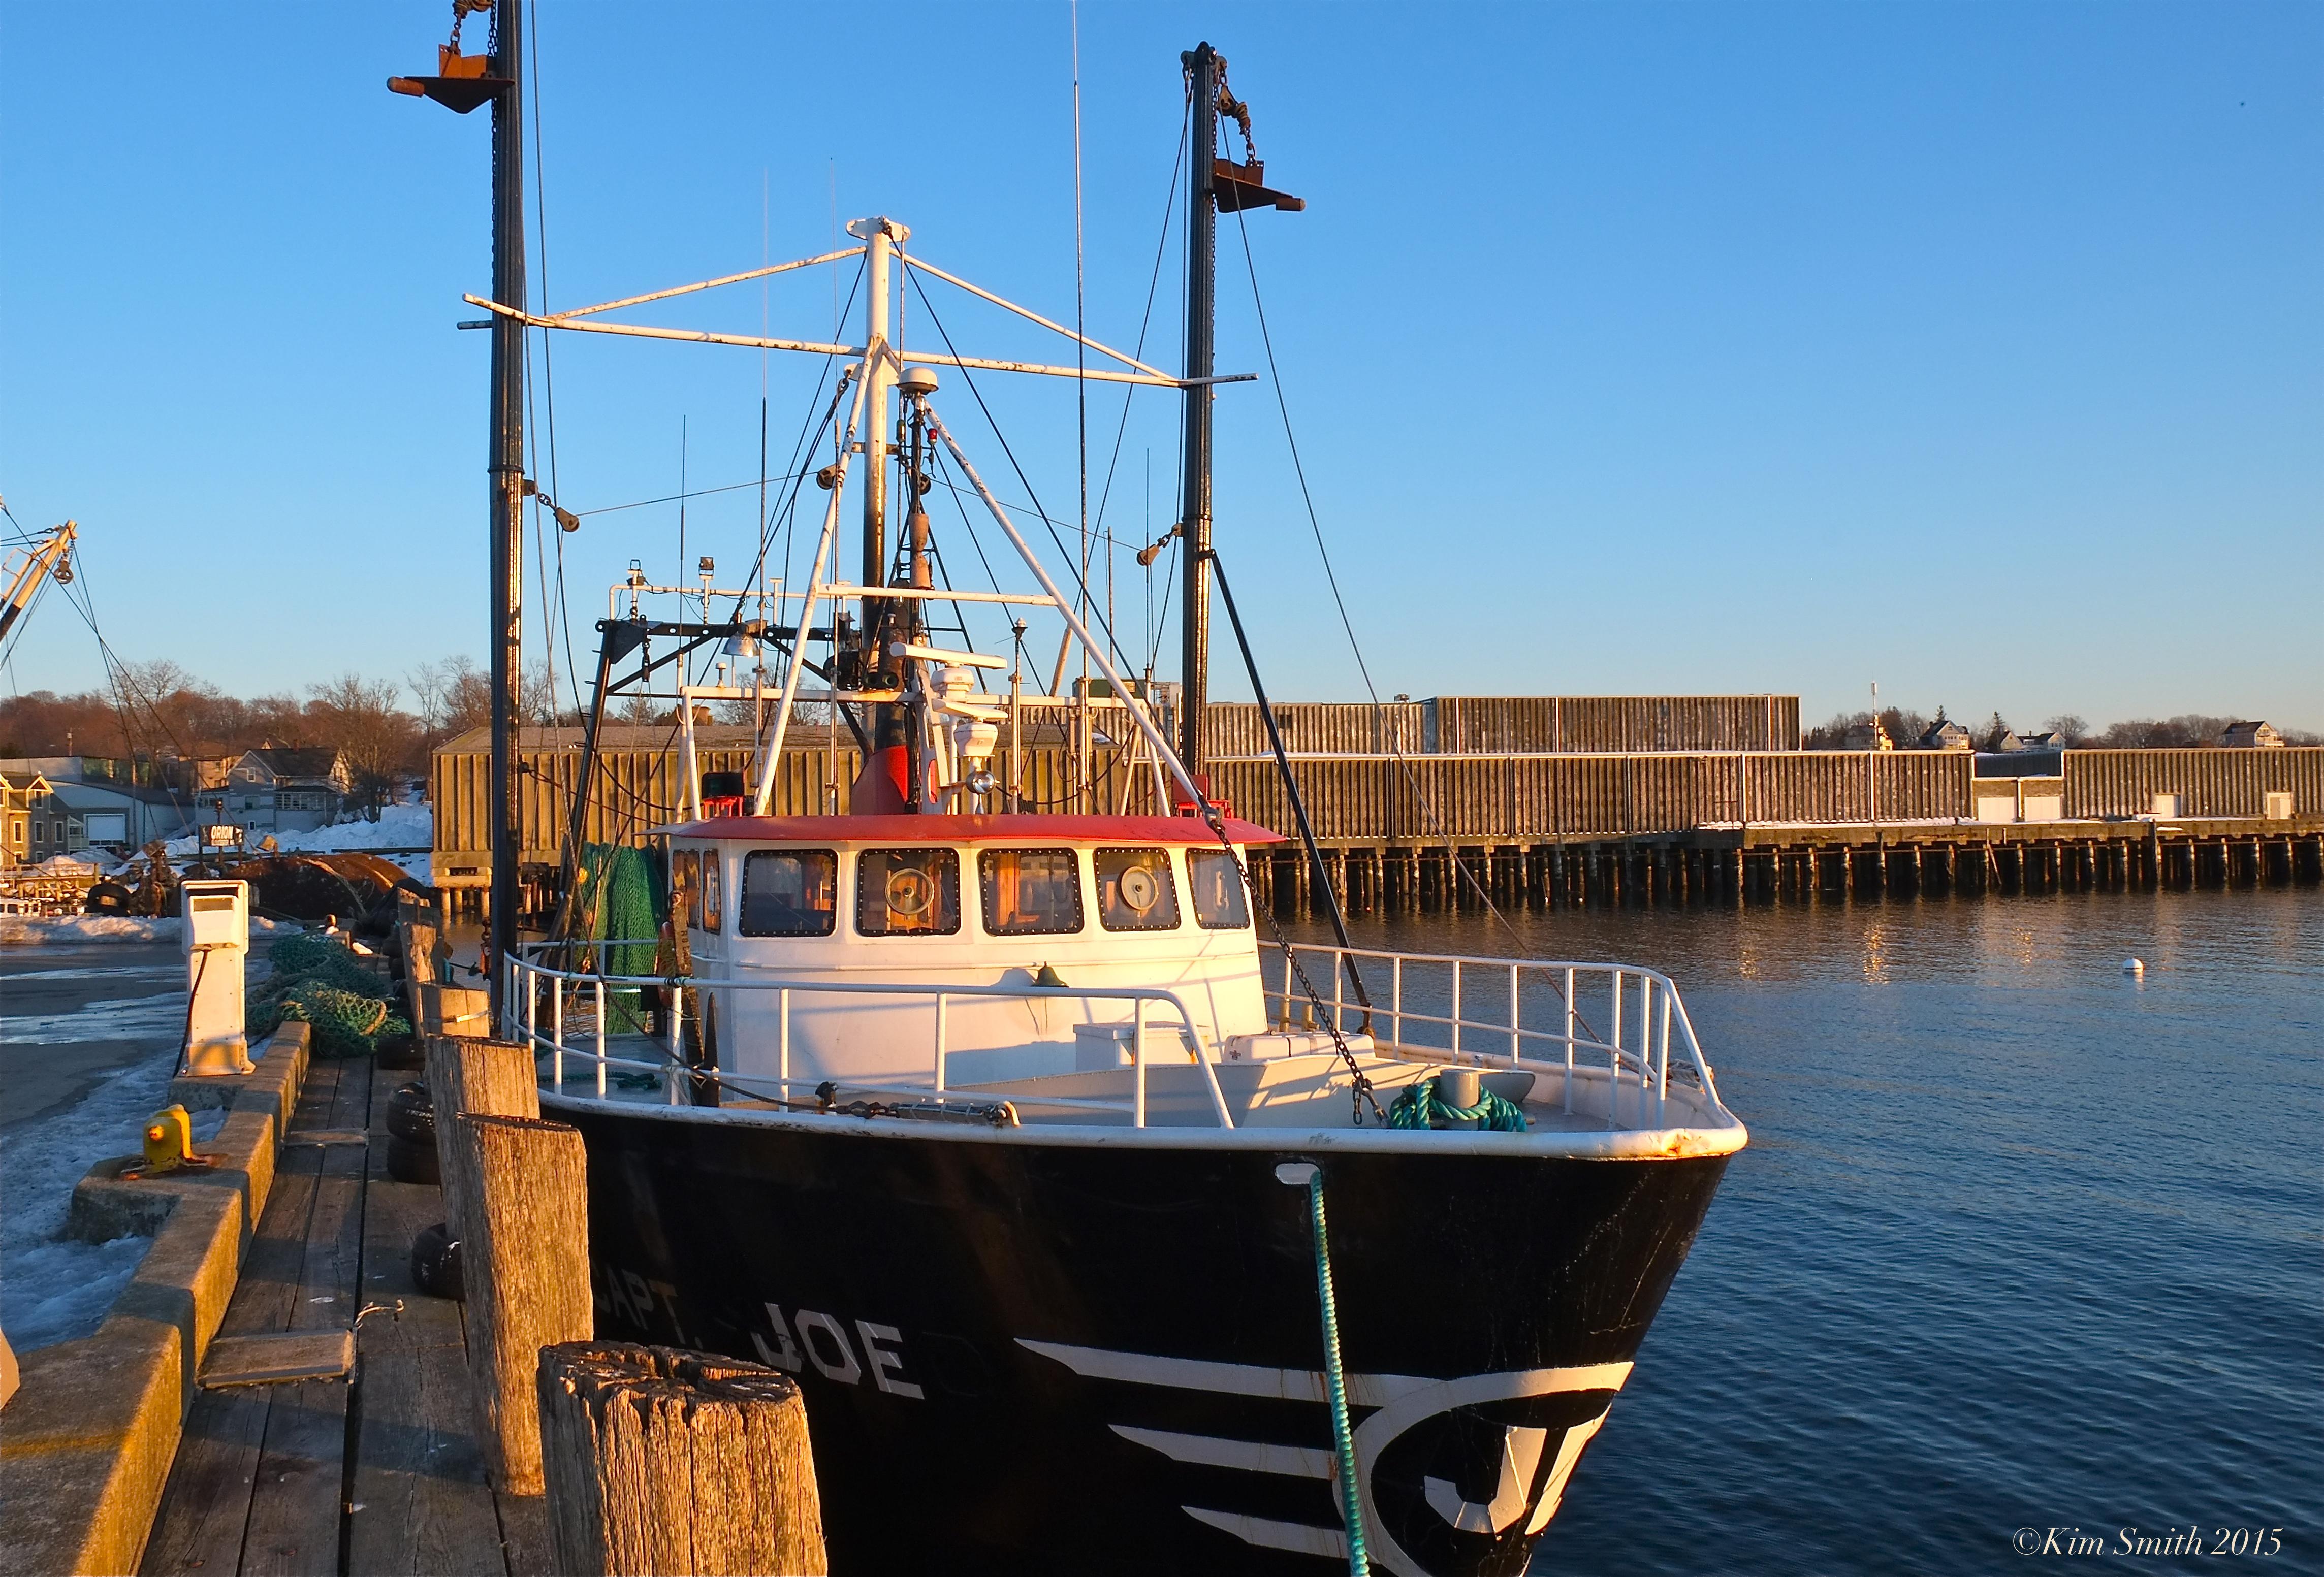 Gloucester fishing boat goodmorninggloucester for Gloucester ma fishing